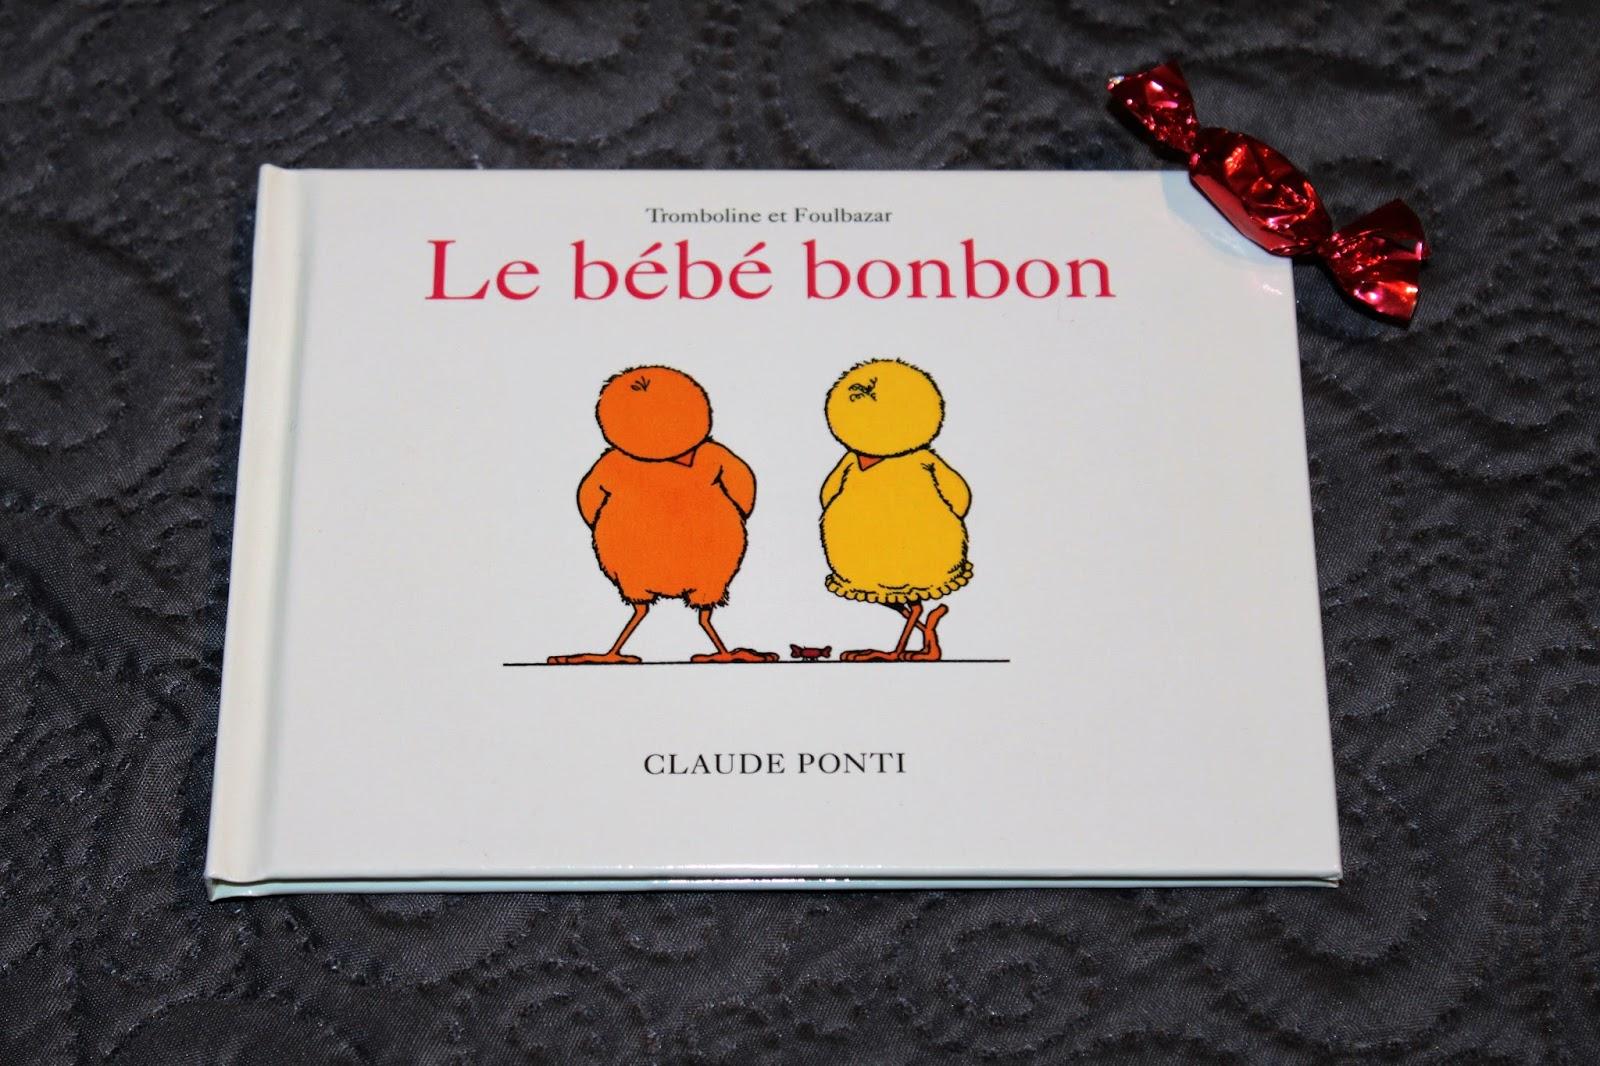 Le Bébé Bonbon (Tromboline Et Foulbazar), De Claude Ponti concernant La Tempête Claude Ponti